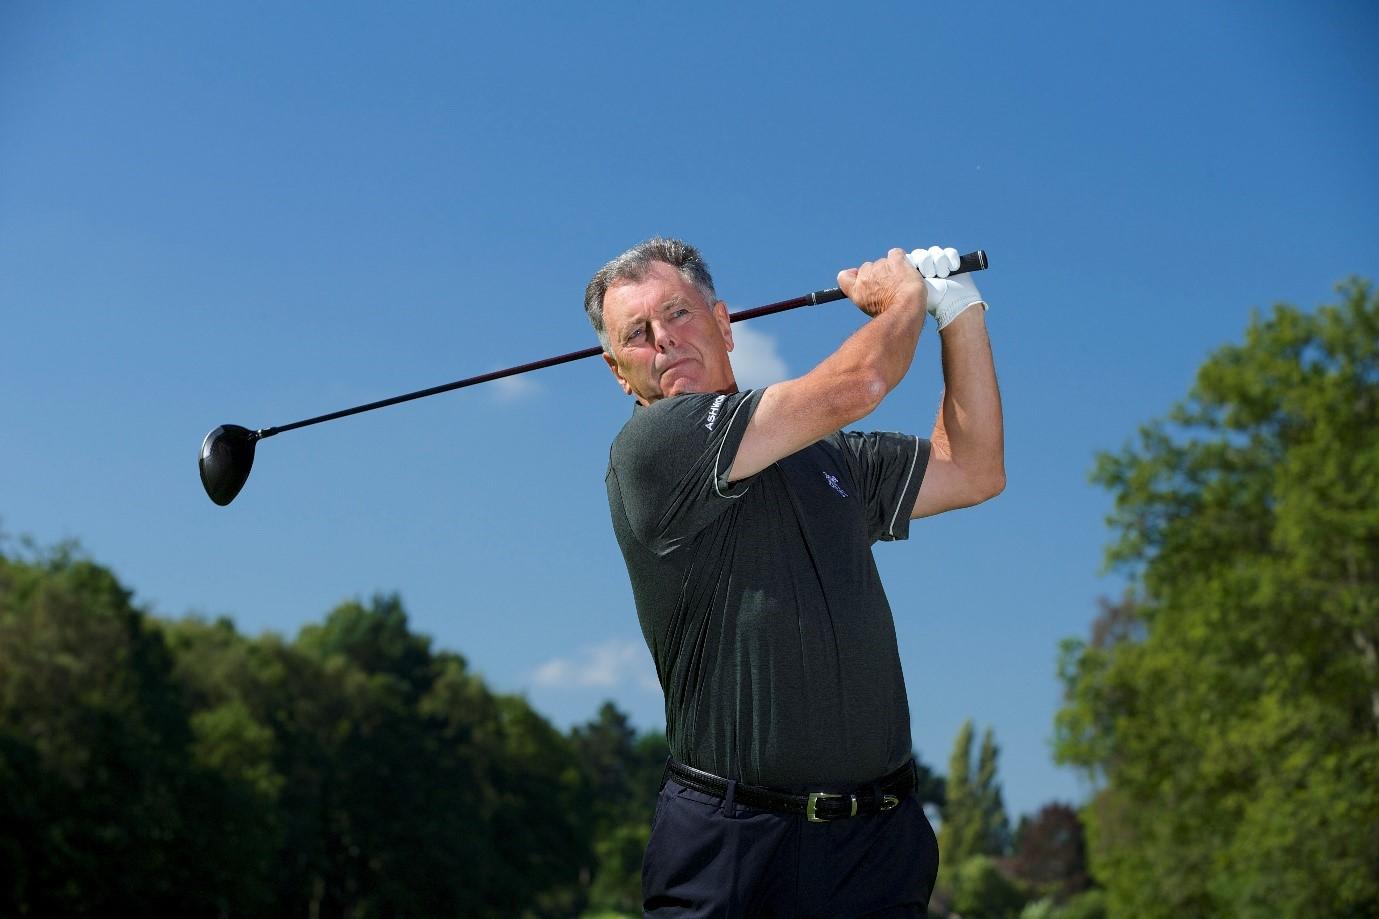 Building A Golf Swing: Top Tips From Bernard Gallacher